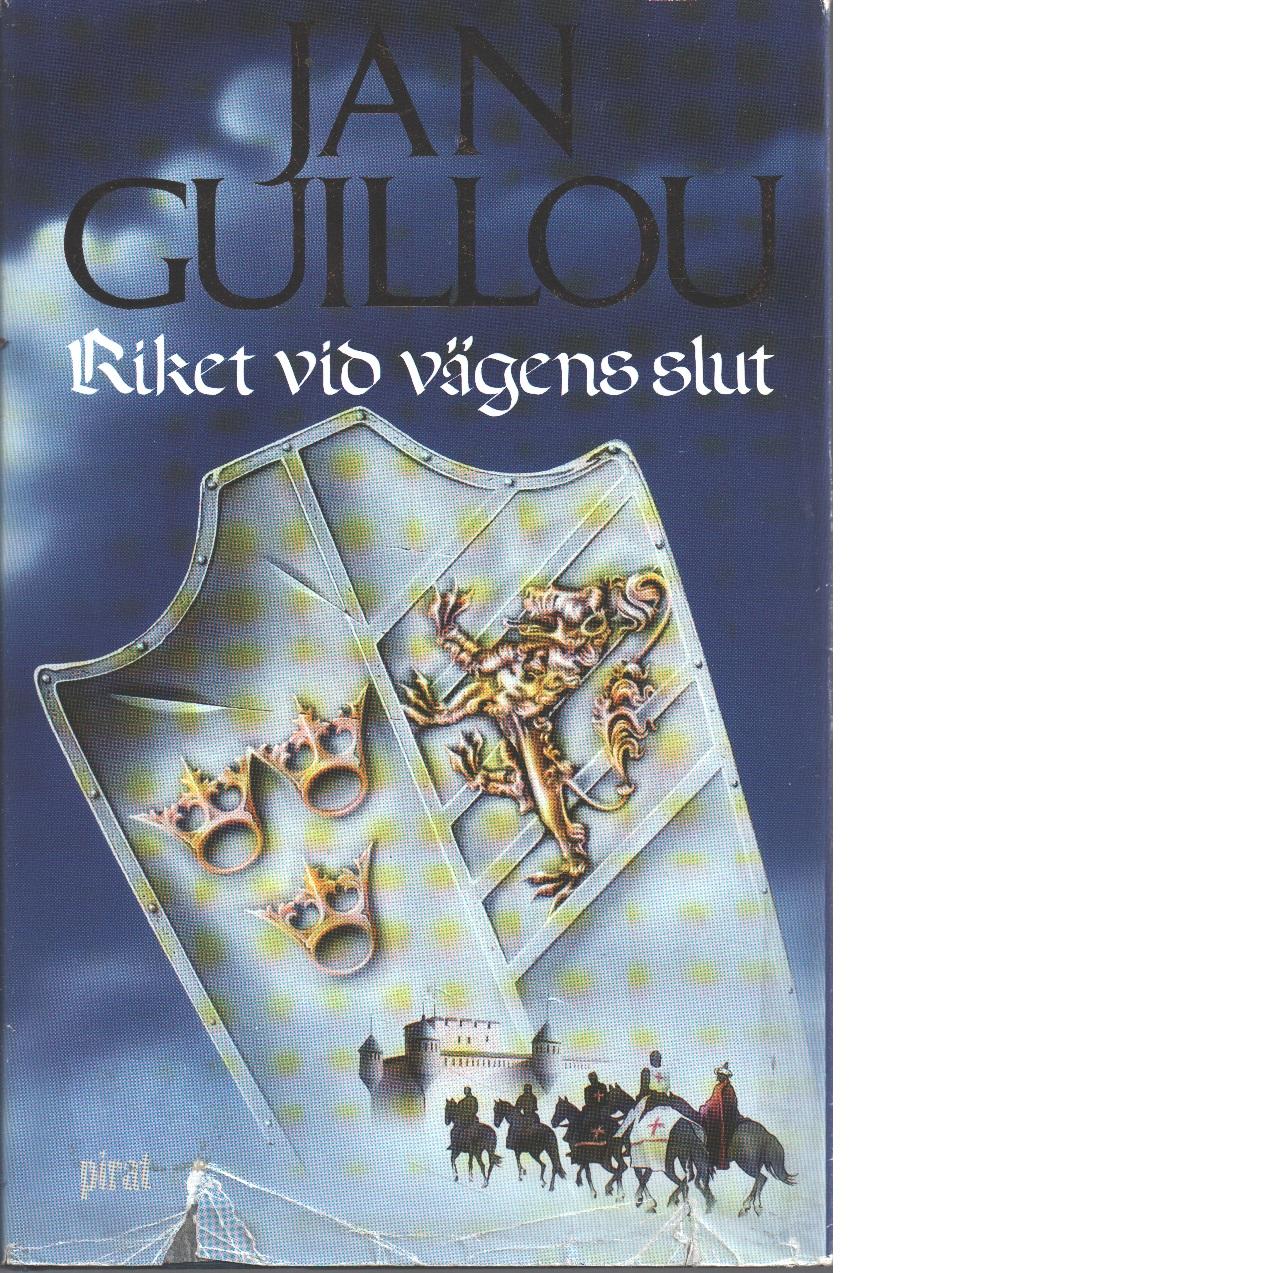 Riket vid vägens slut - Guillou, Jan